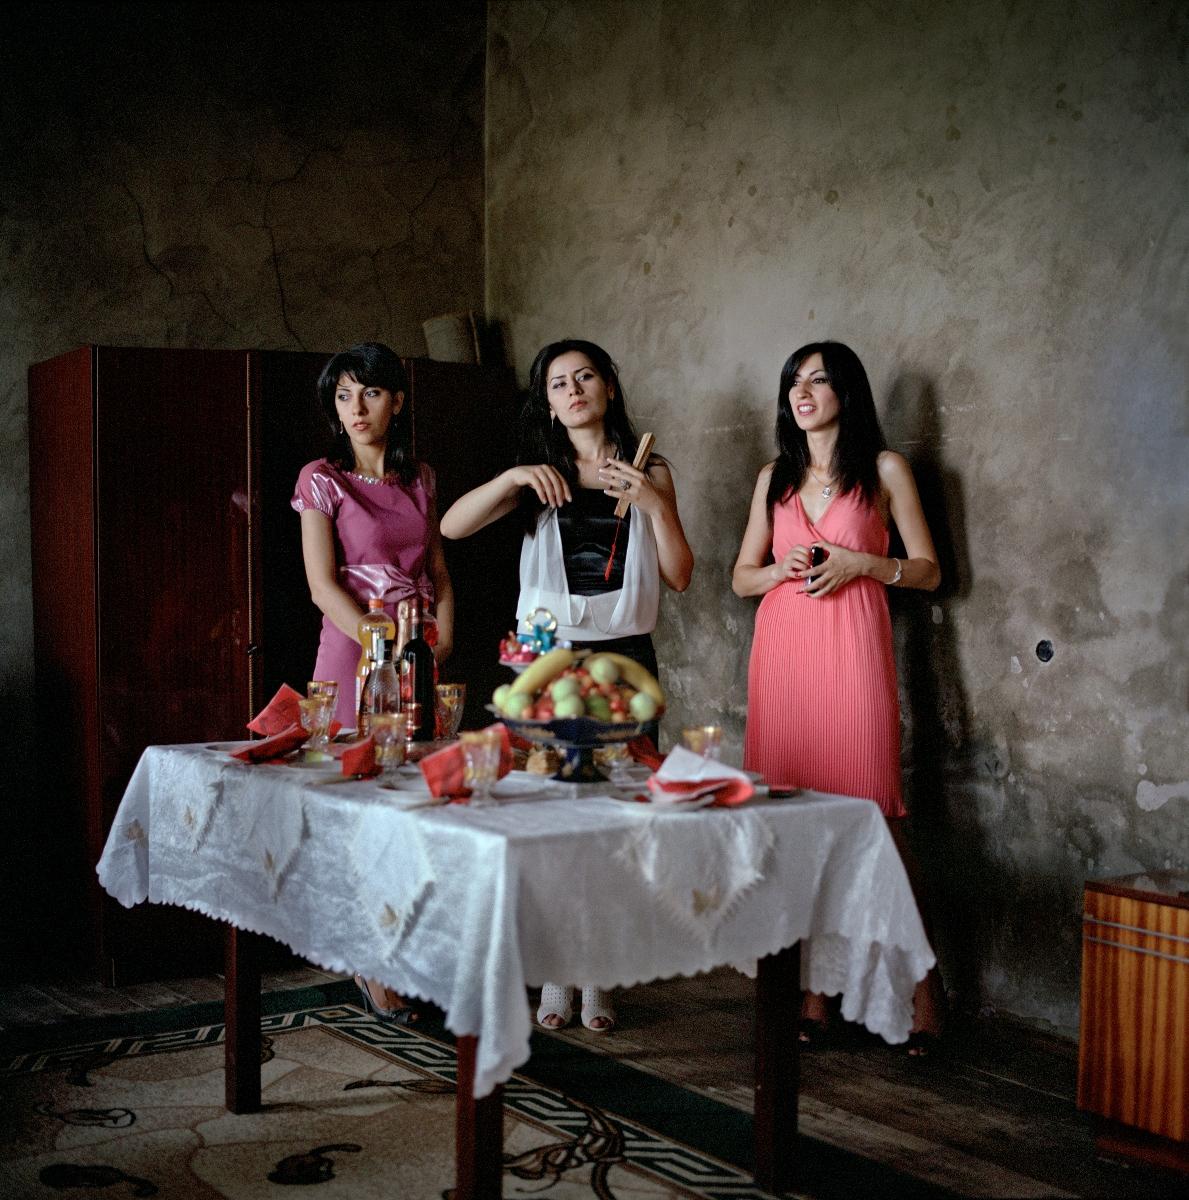 Anastasia Taylor-Lind, The National Womb, Baby boom in Nagorno Karabakh (źródło: materiały prasowe)